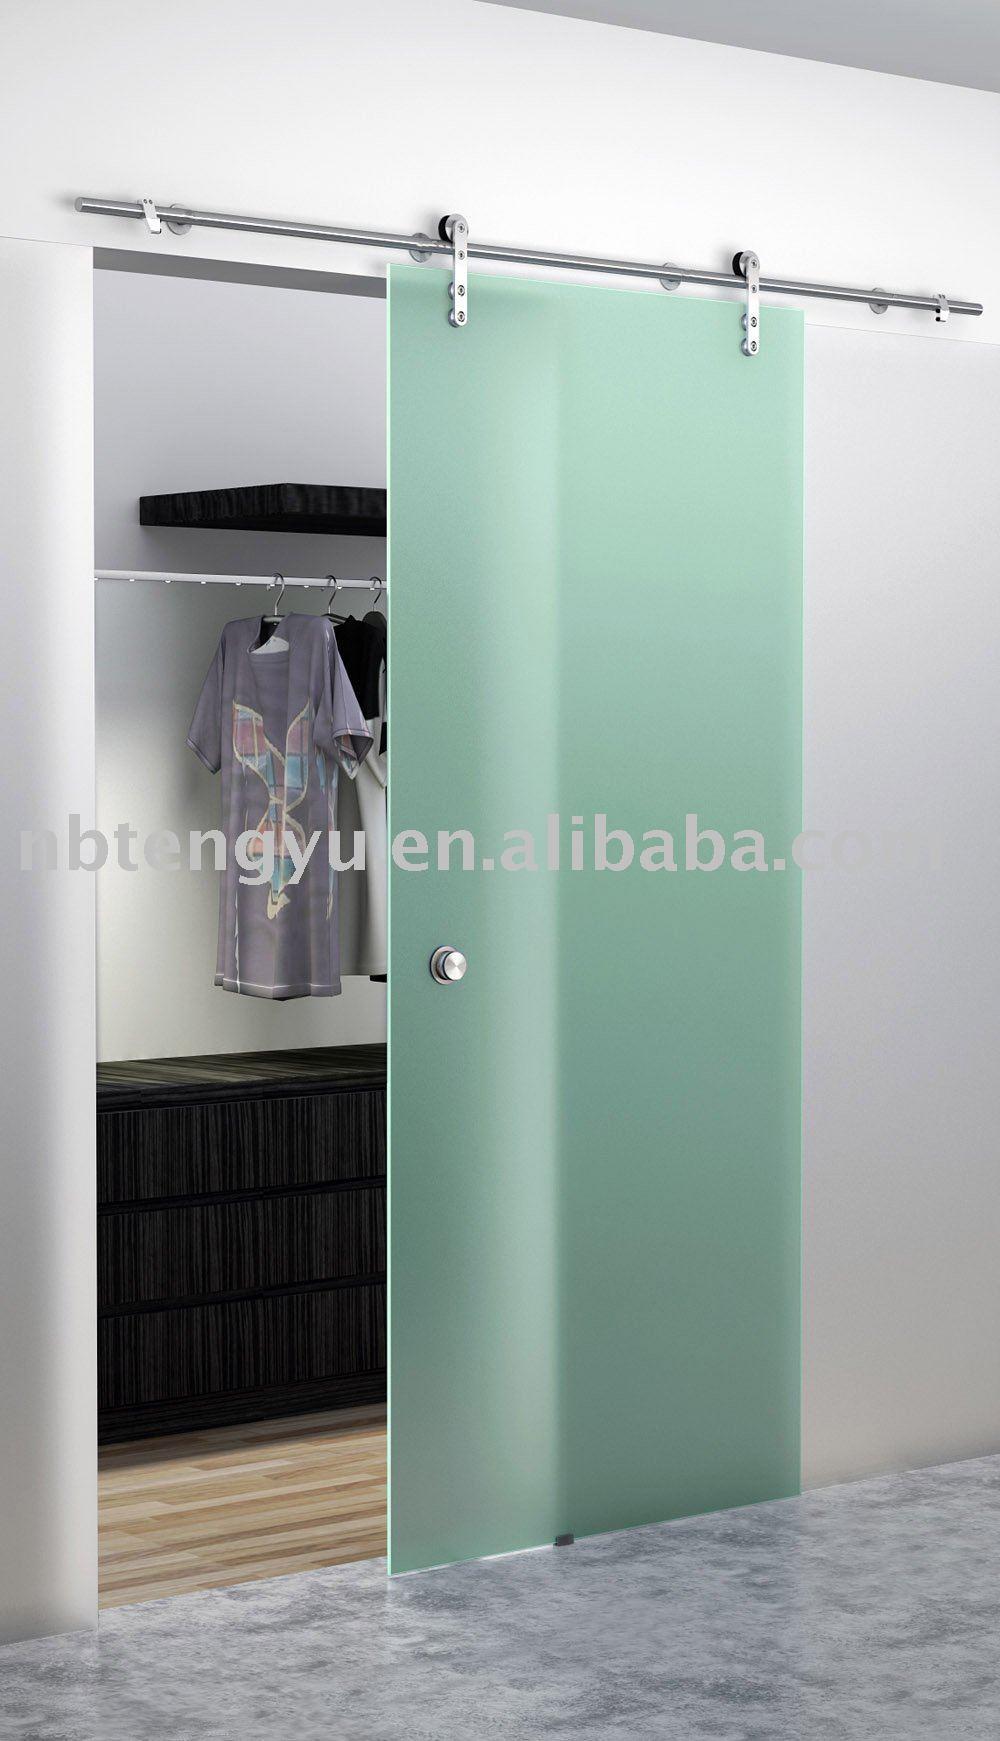 armoire porte coulissante en verre portes id de produit. Black Bedroom Furniture Sets. Home Design Ideas